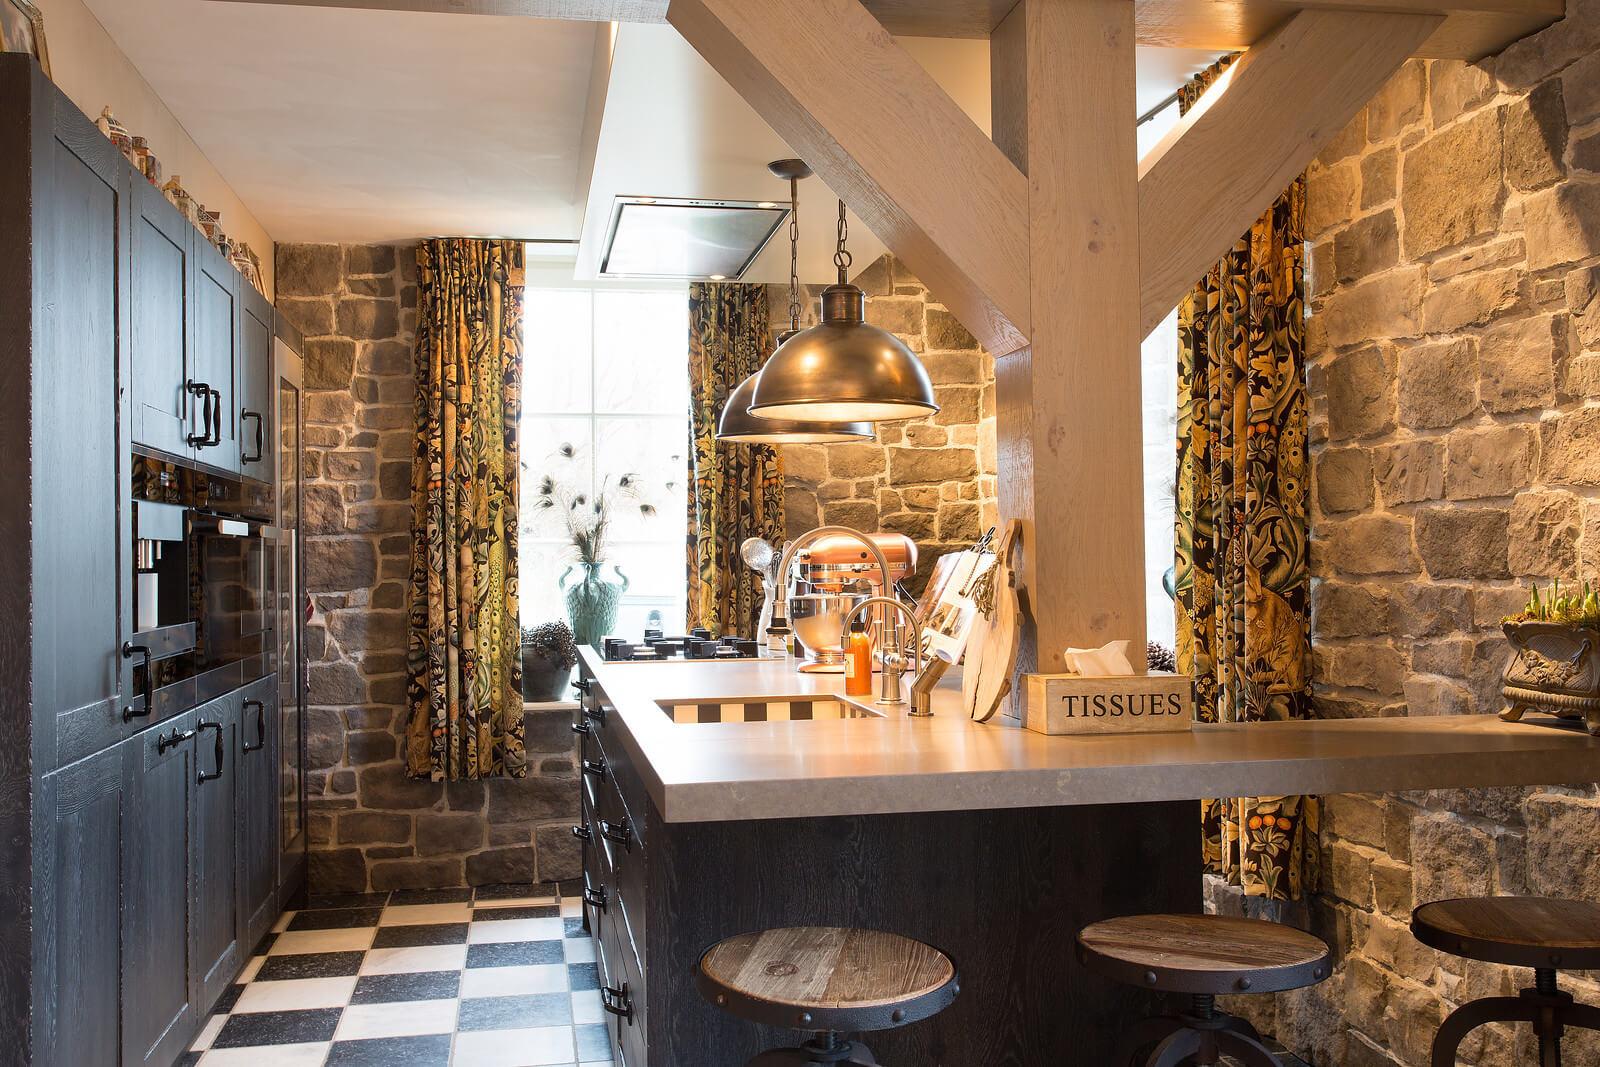 Keuken met bar van Tieleman Keukens